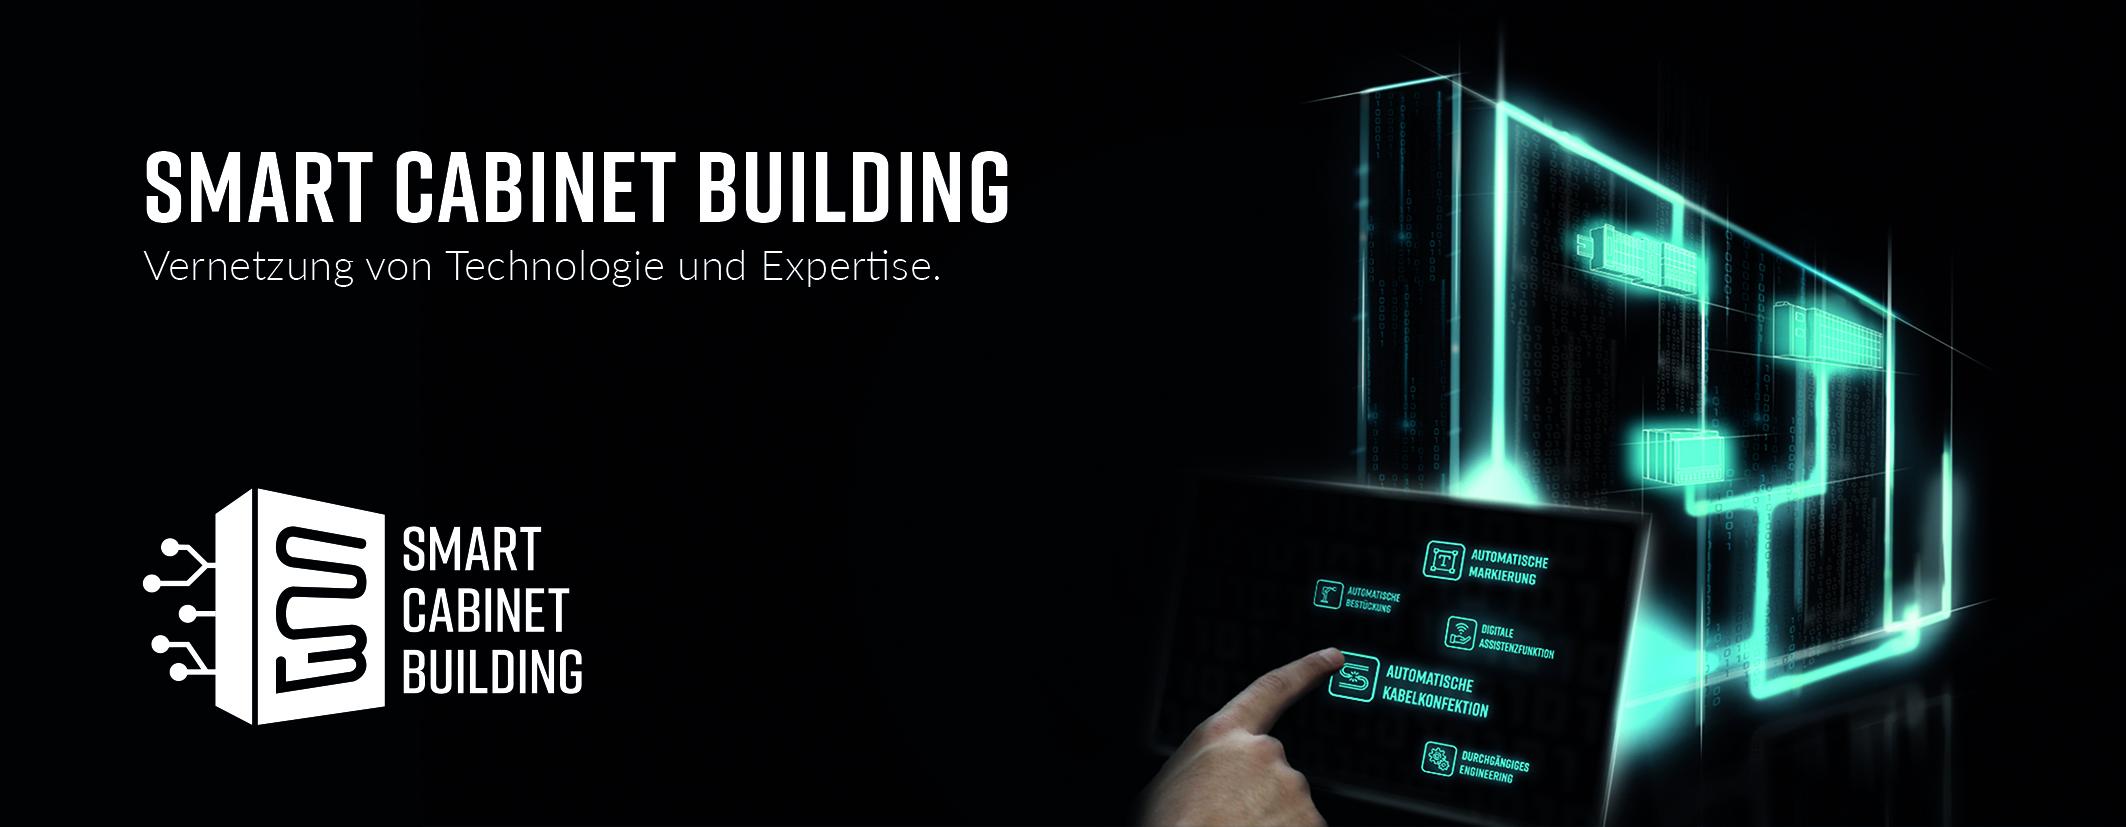 Ziel von Smart Cabinet Building ist es, durch die Vernetzung von Technologie und Expertise über alle Prozessschritte ganzheitliche Lösungen für die heutigen und zukünftigen Herausforderungen im Schaltschrankbau bereitzustellen. (Bild: Weidmüller GmbH & Co. KG)